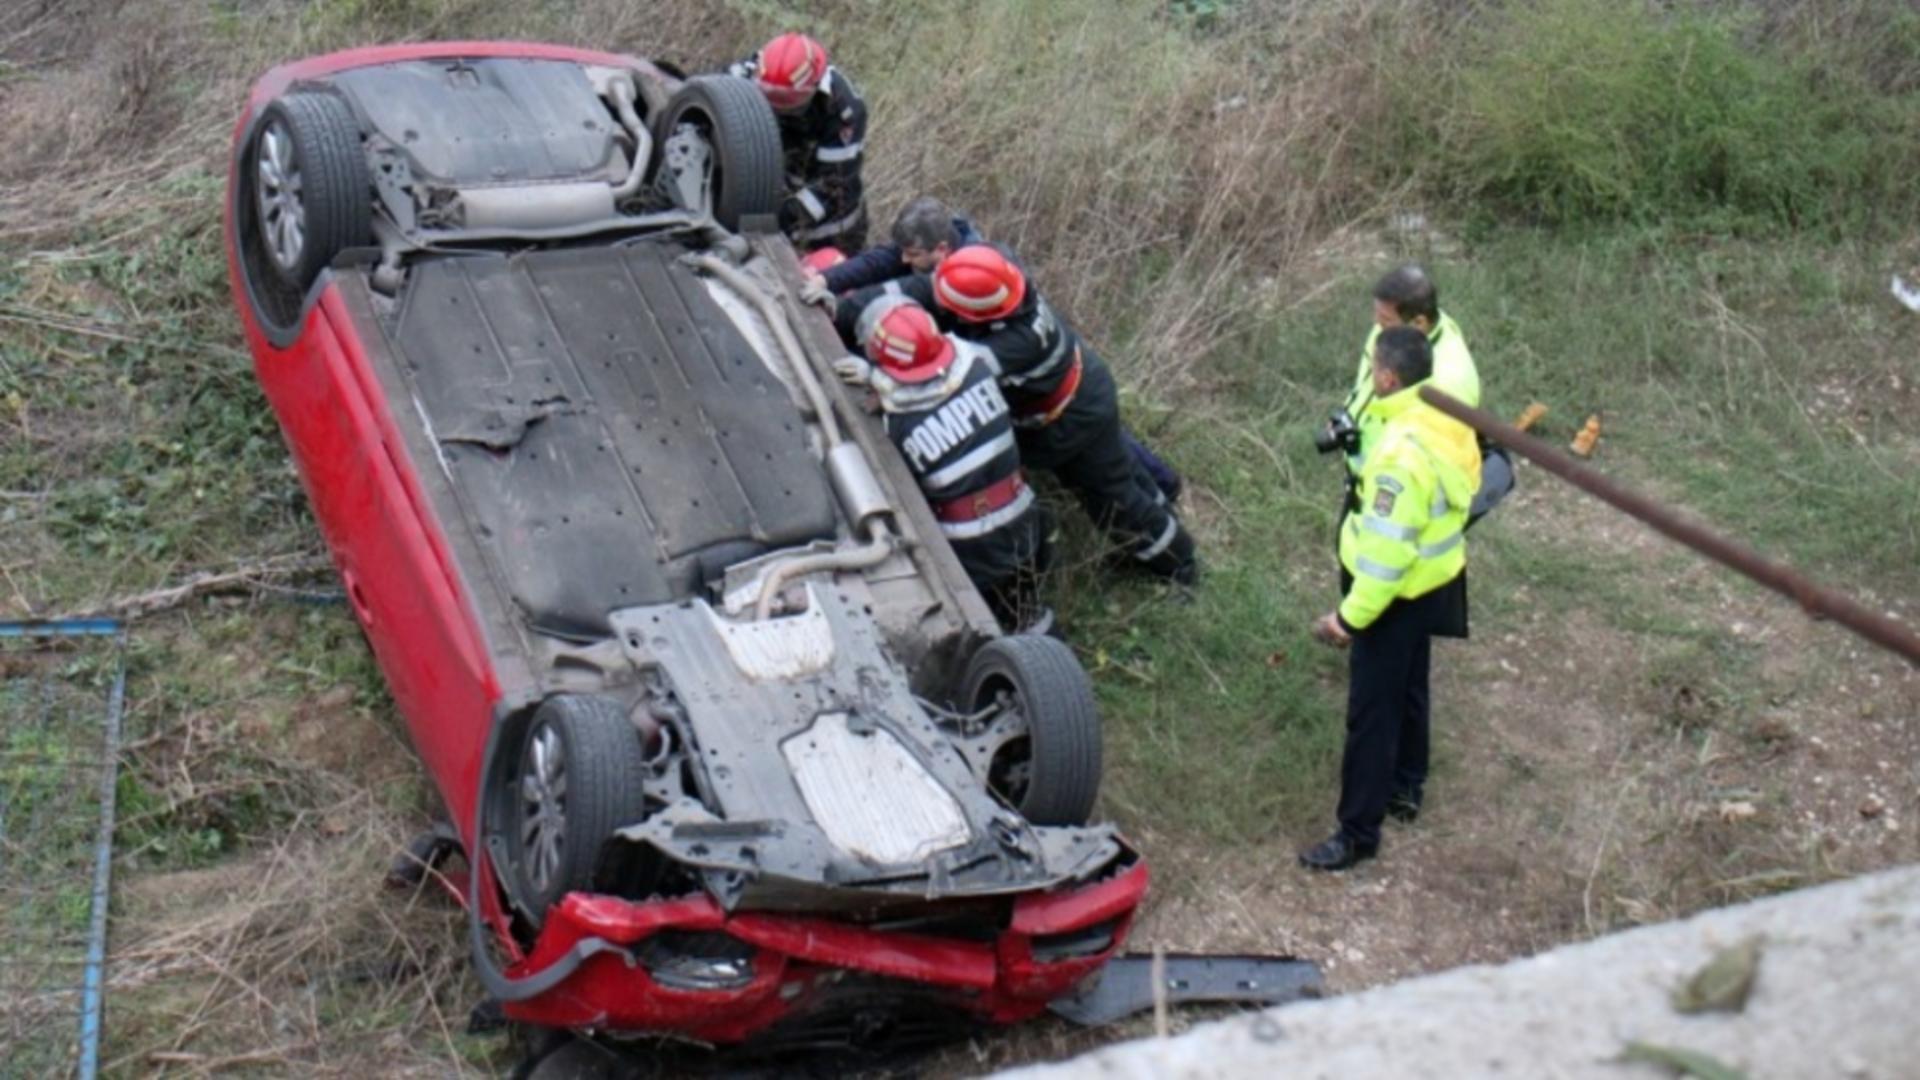 TRAGEDIE rutieră în Caraș-Severin: Un copil de 4 ani A MURIT, alți 3 afectați din cauza mamei care conducea